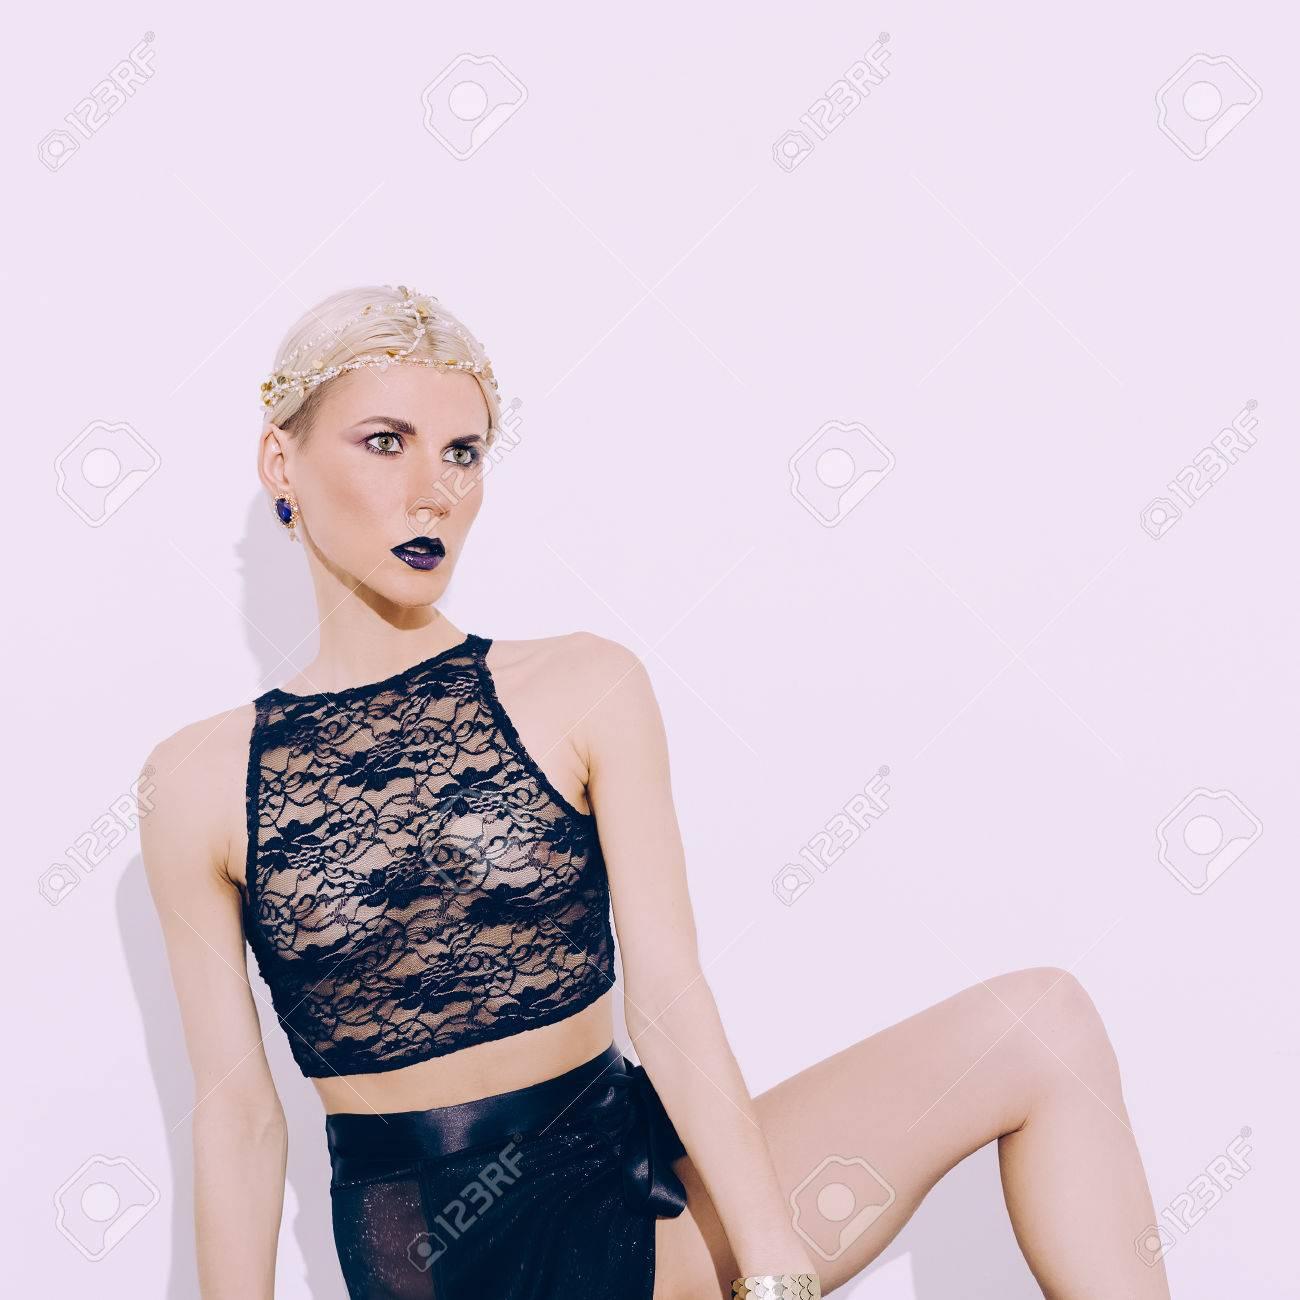 肖像画豪華なエロティックなランジェリーでの官能的な金髪の女性。ファッションのスタイル。